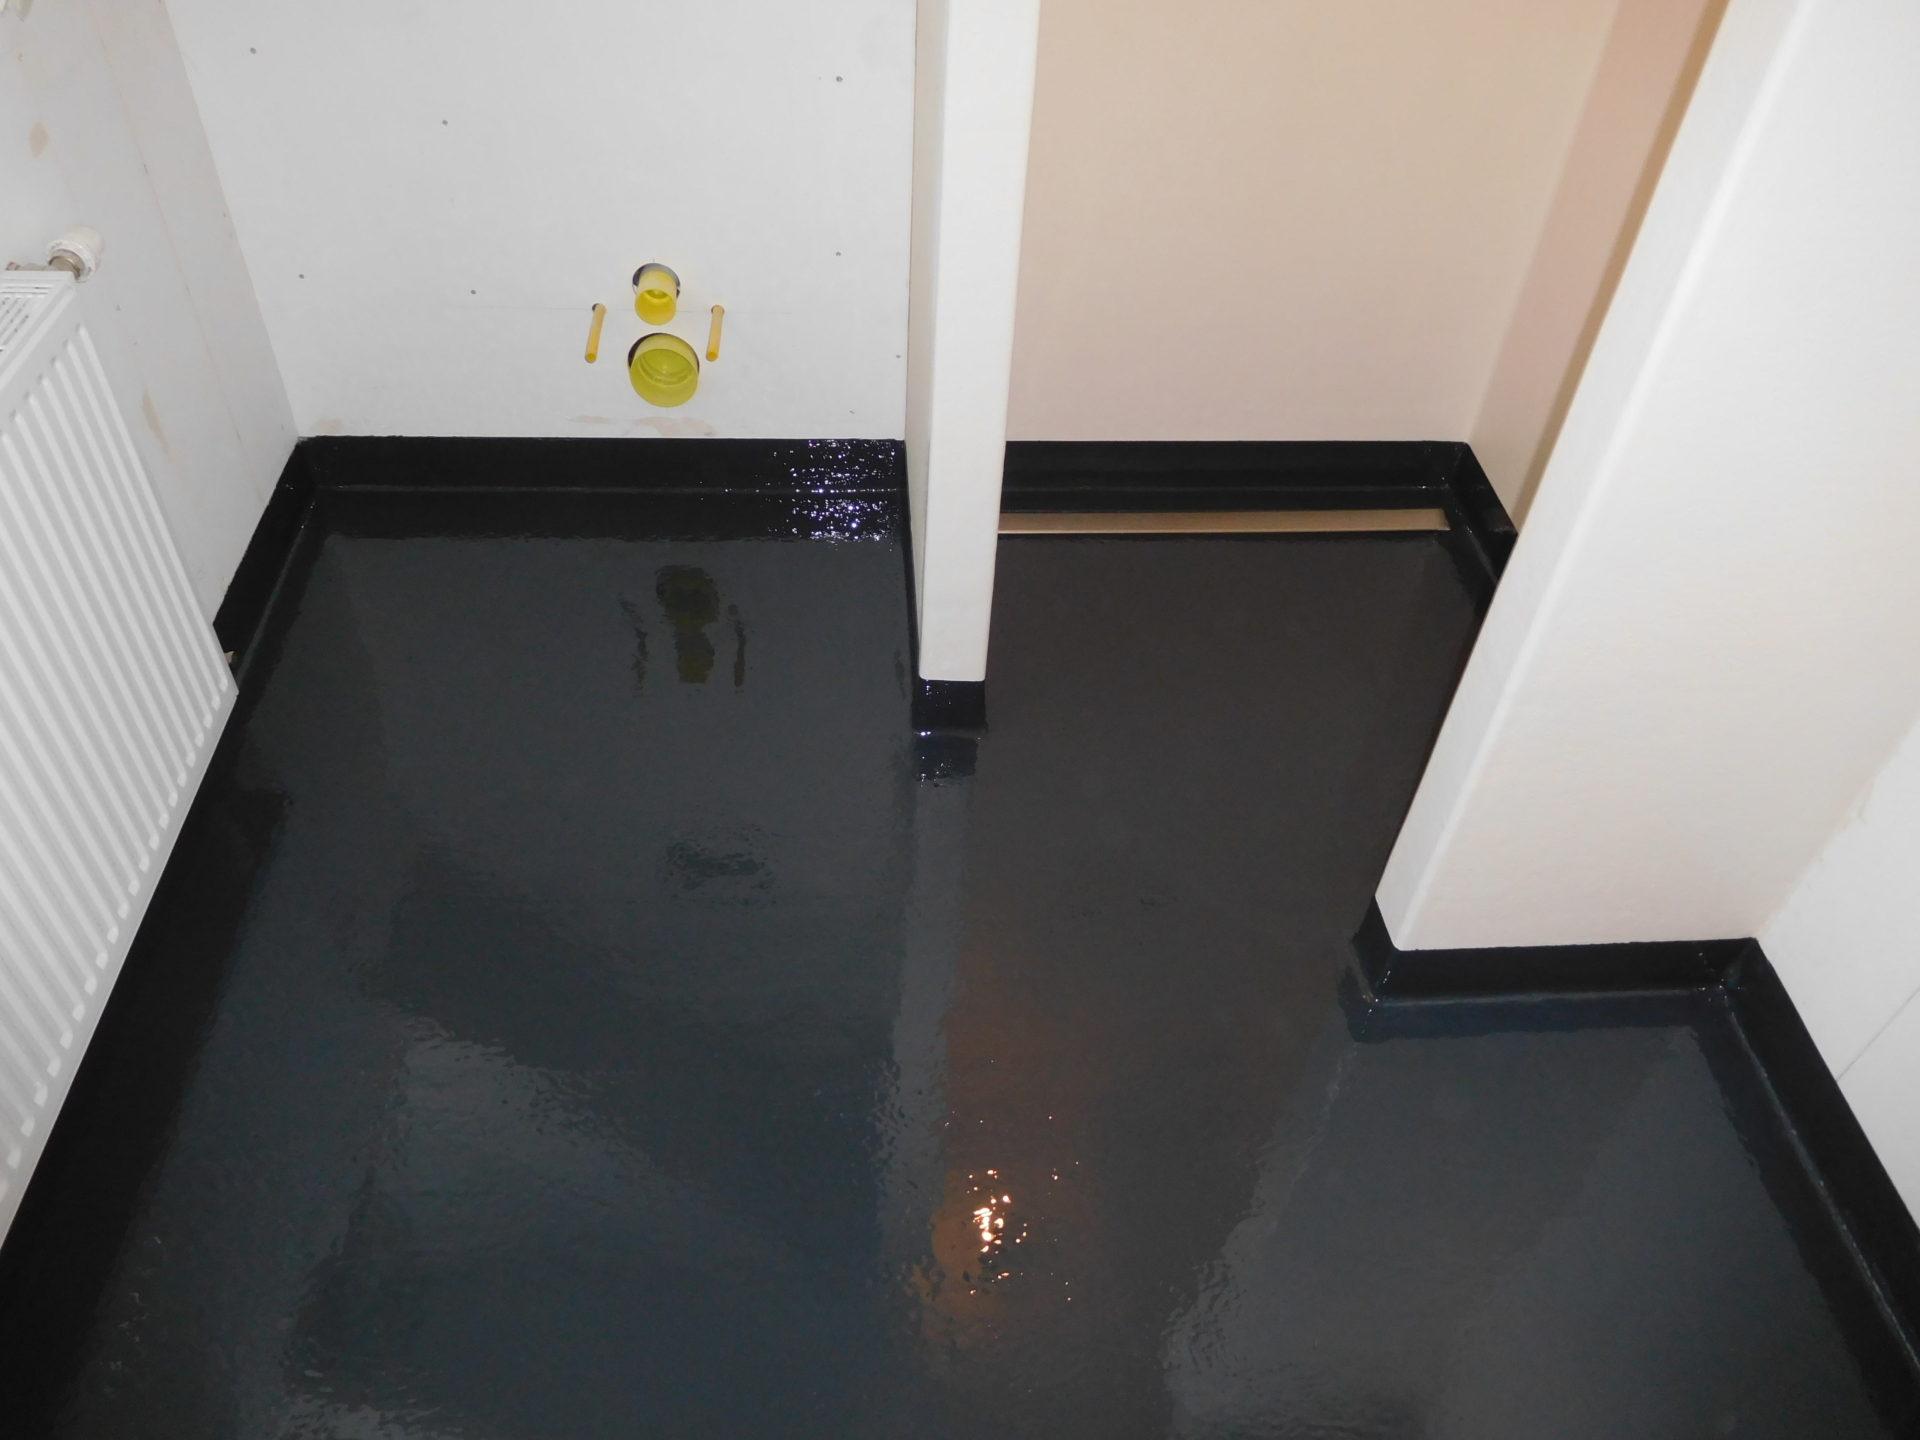 Polyester Badkamer Muur : Multiplex badkamer vloer: stucdeco unieke afwerking voor muren en